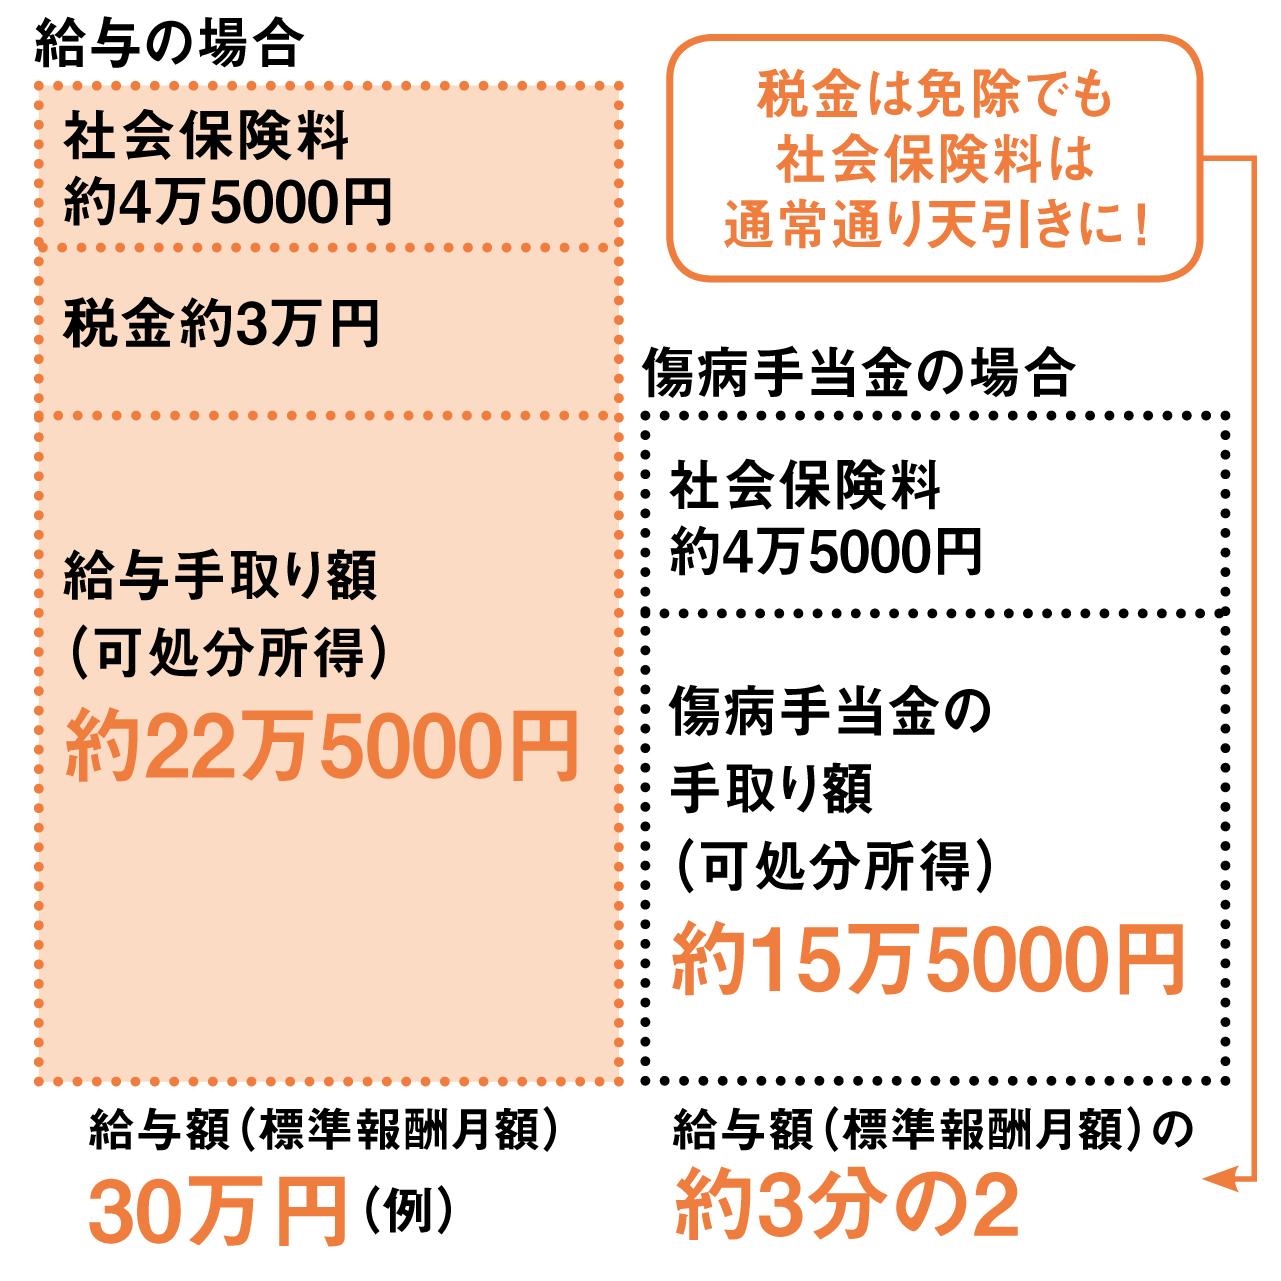 ●給与と傷病手当金の差(1カ月働けなくなった場合)